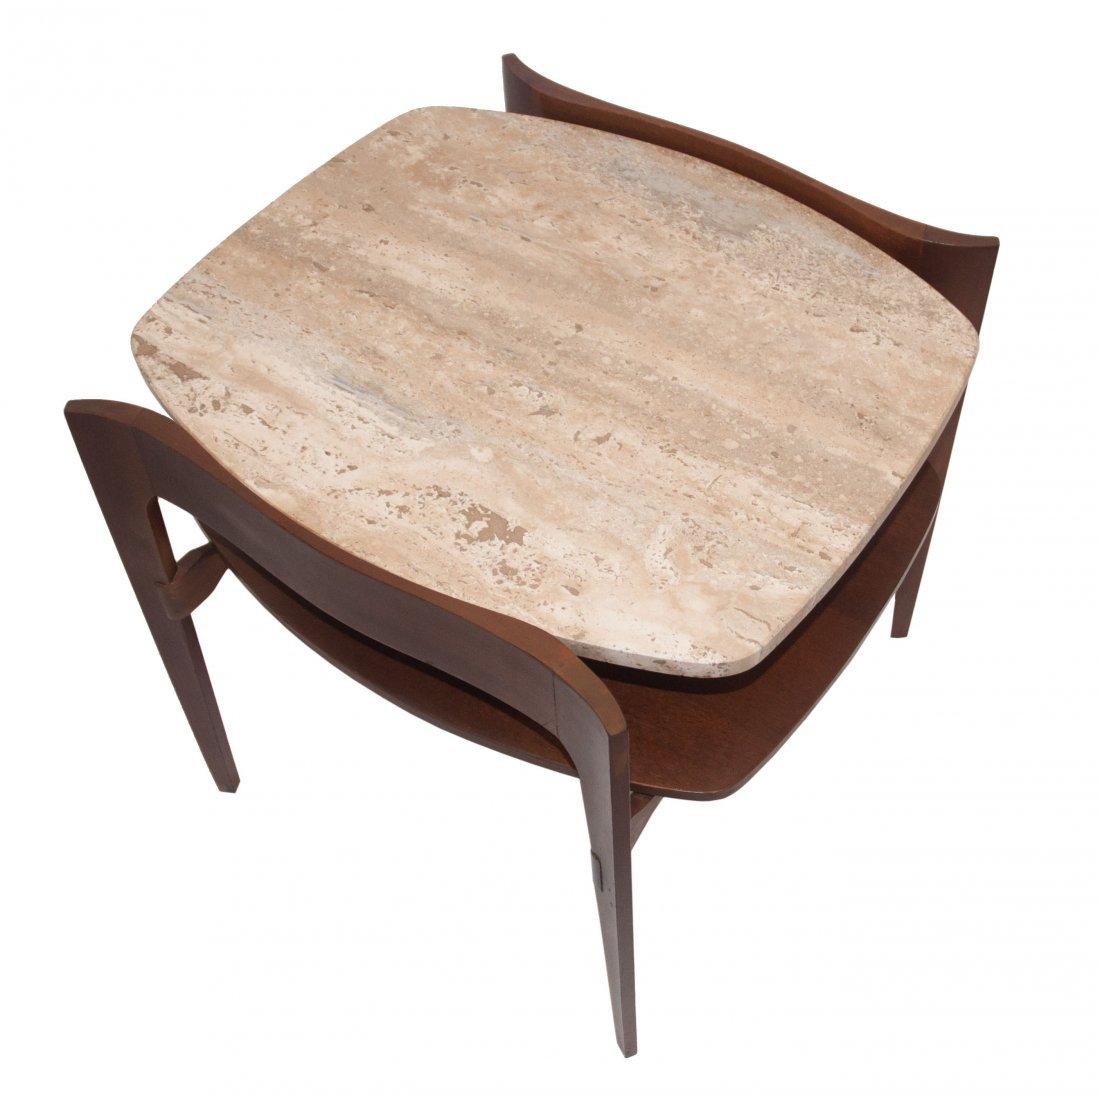 MCM Italian Bertha Schaefer Modern Side Table 1950 - 4